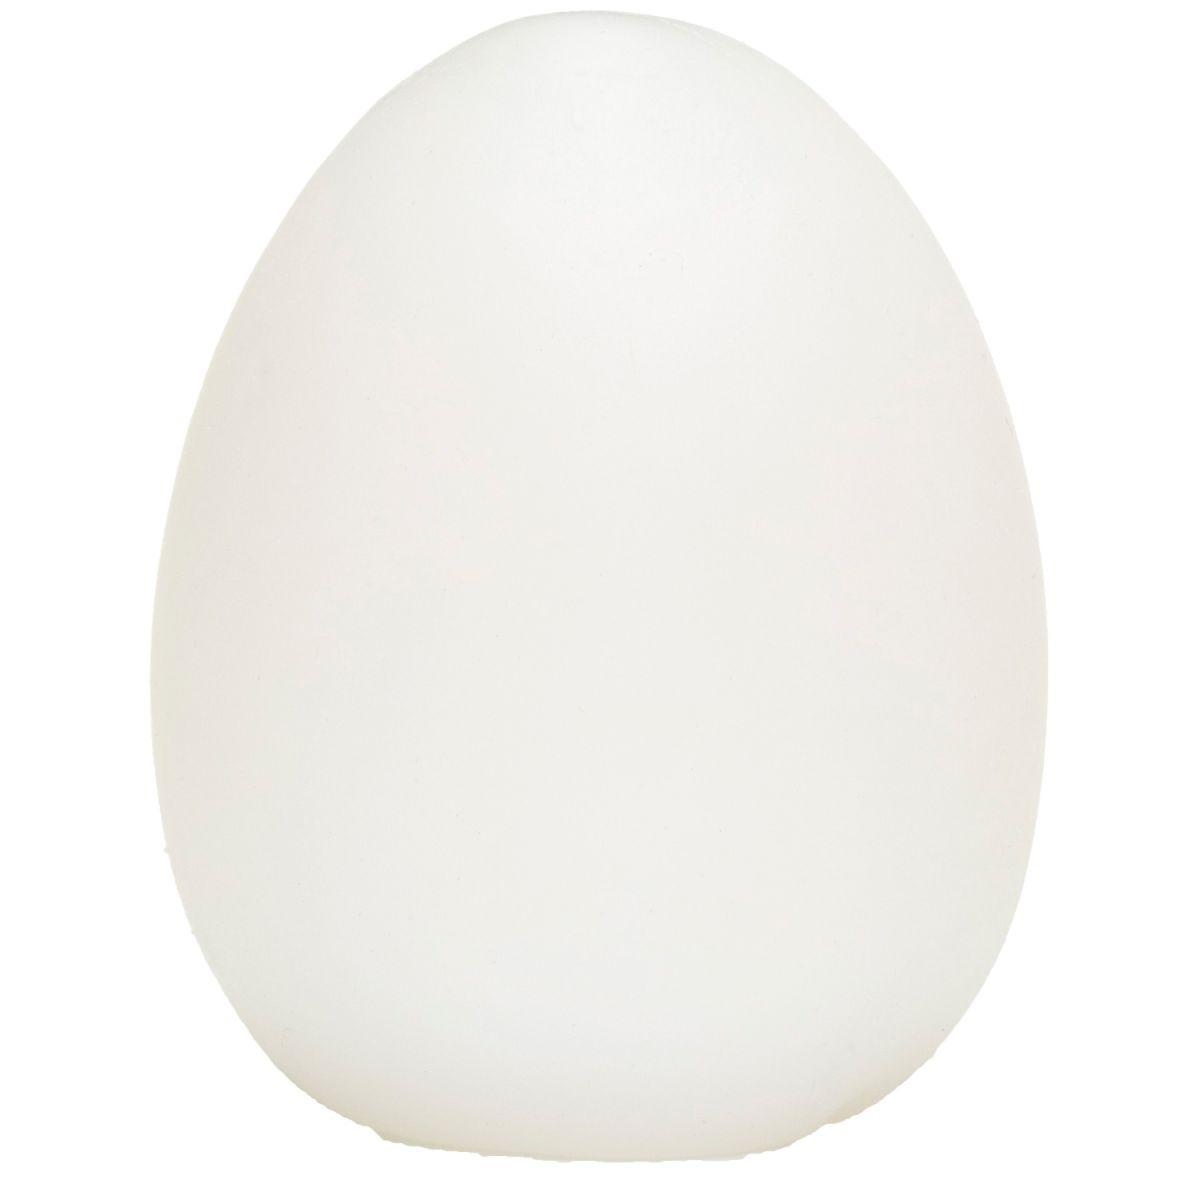 TENGA Egg Stepper Onani Håndjobb for Menn  2